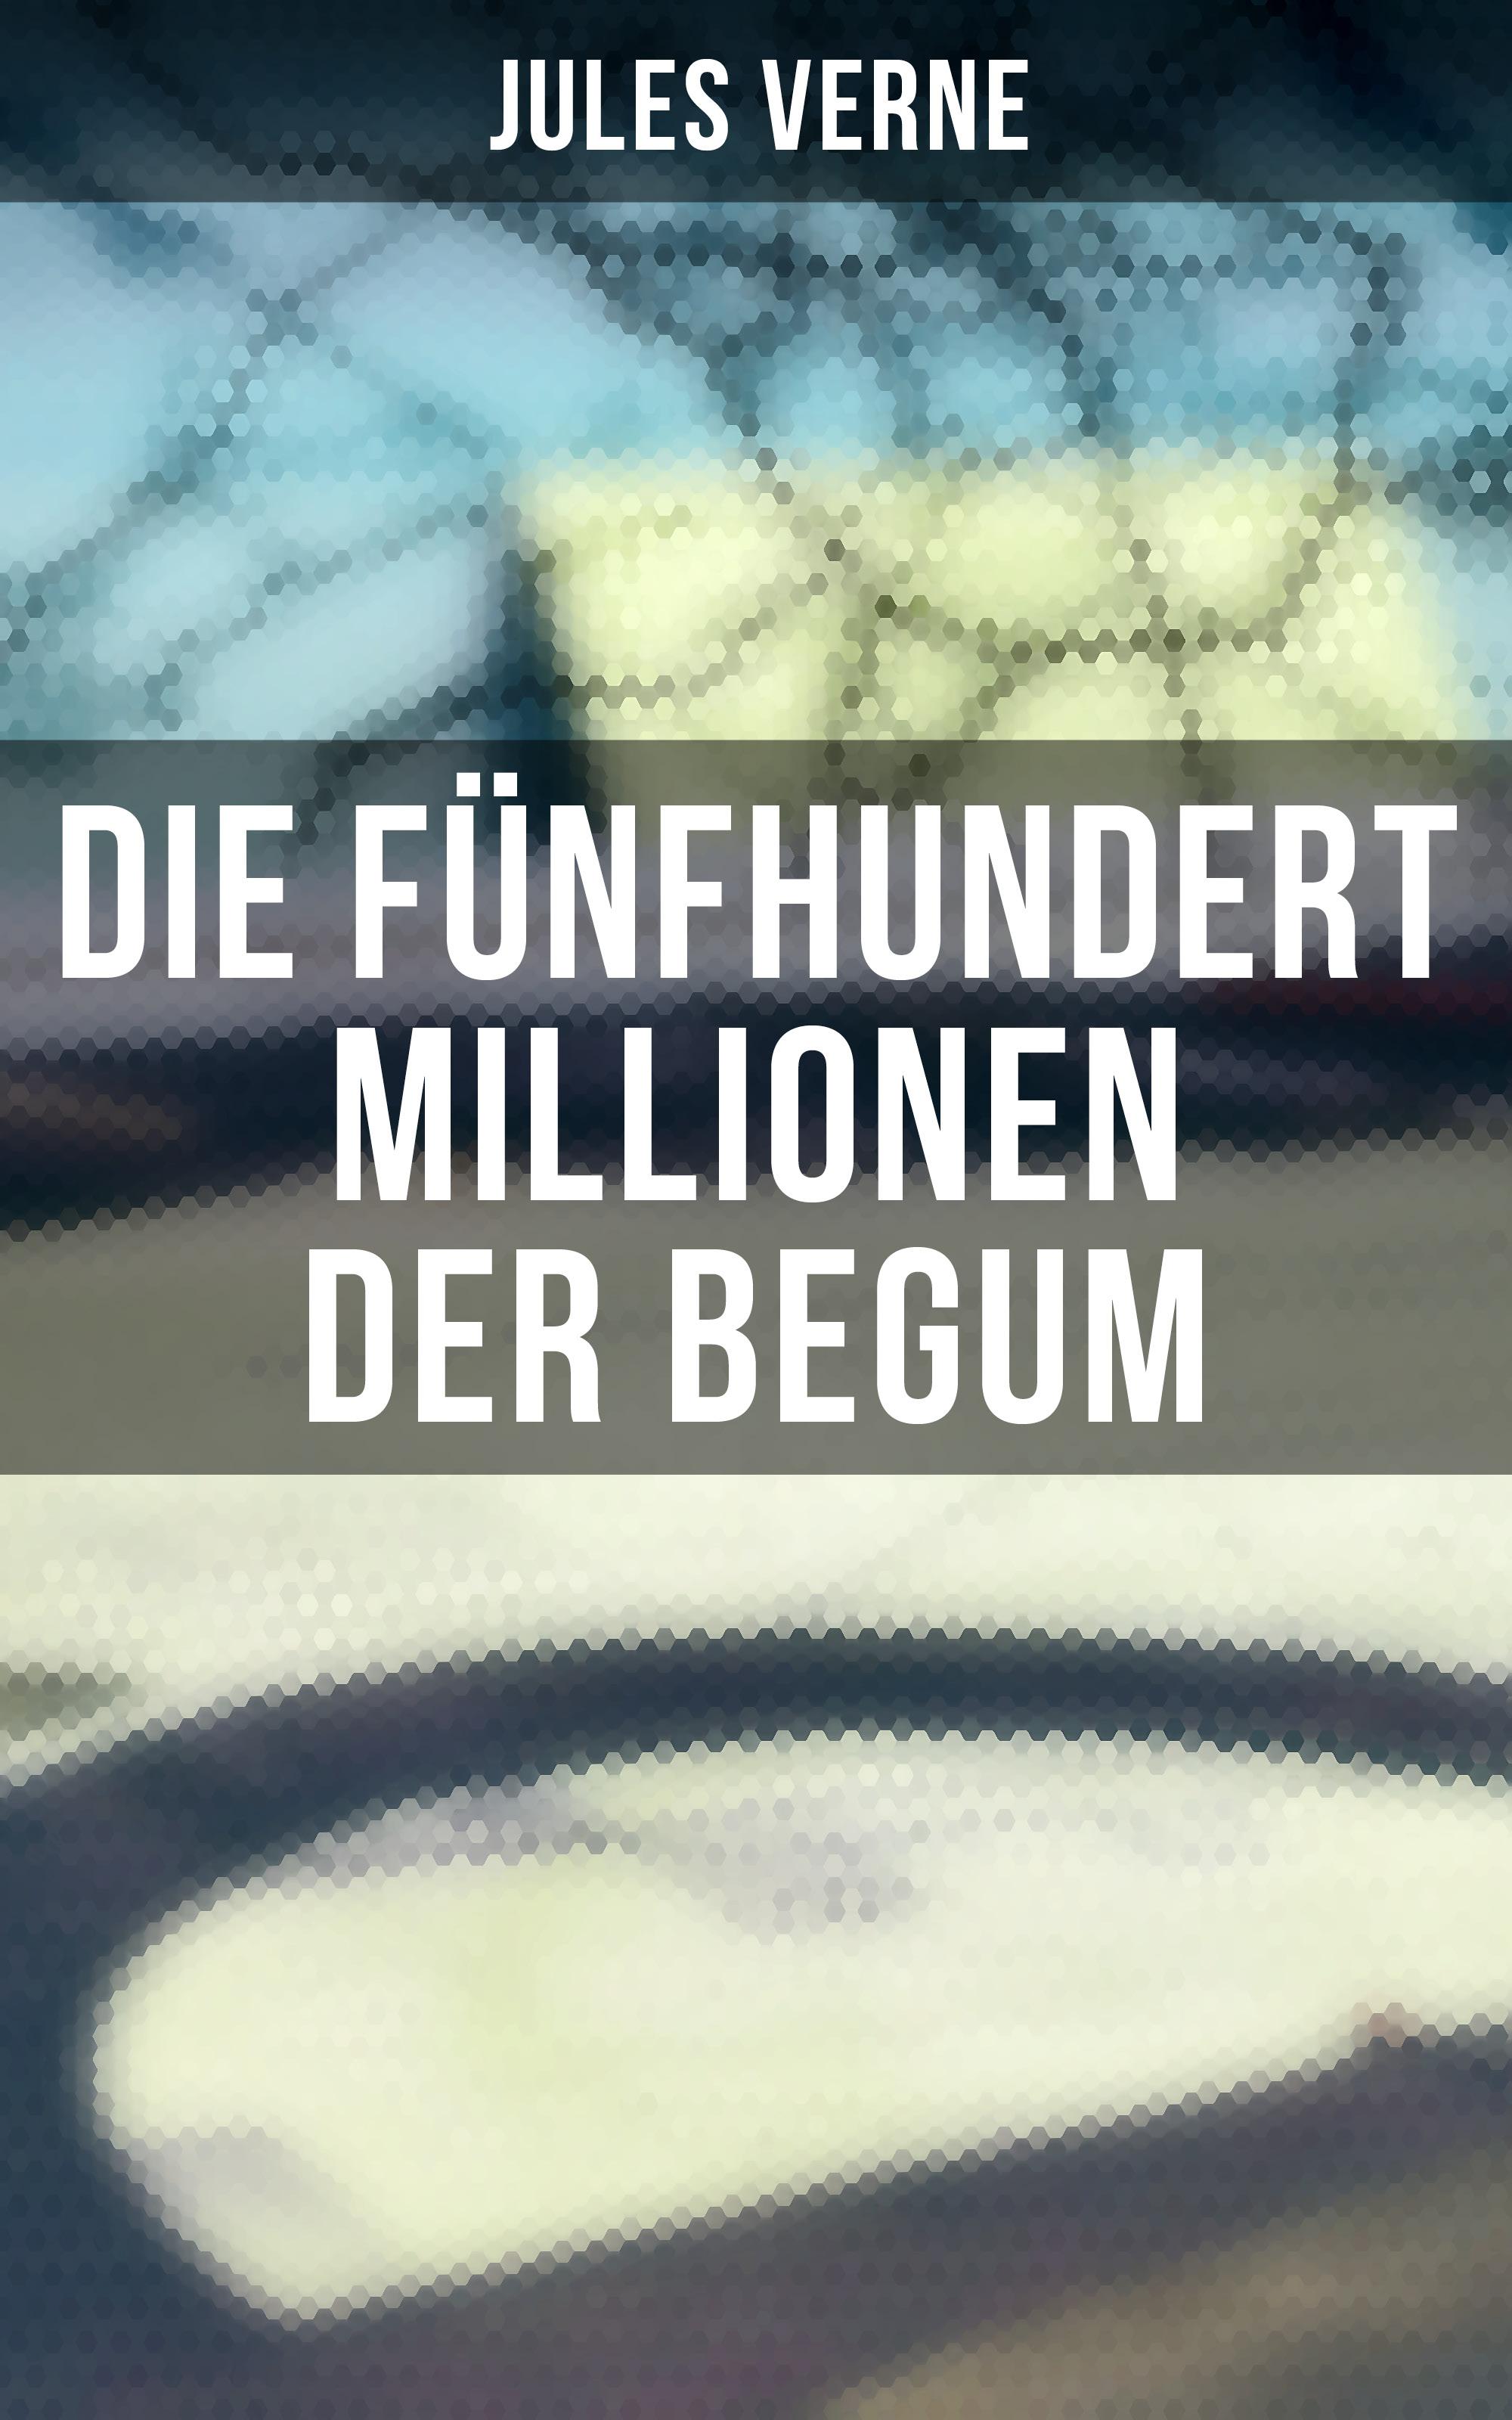 die funfhundert millionen der begum